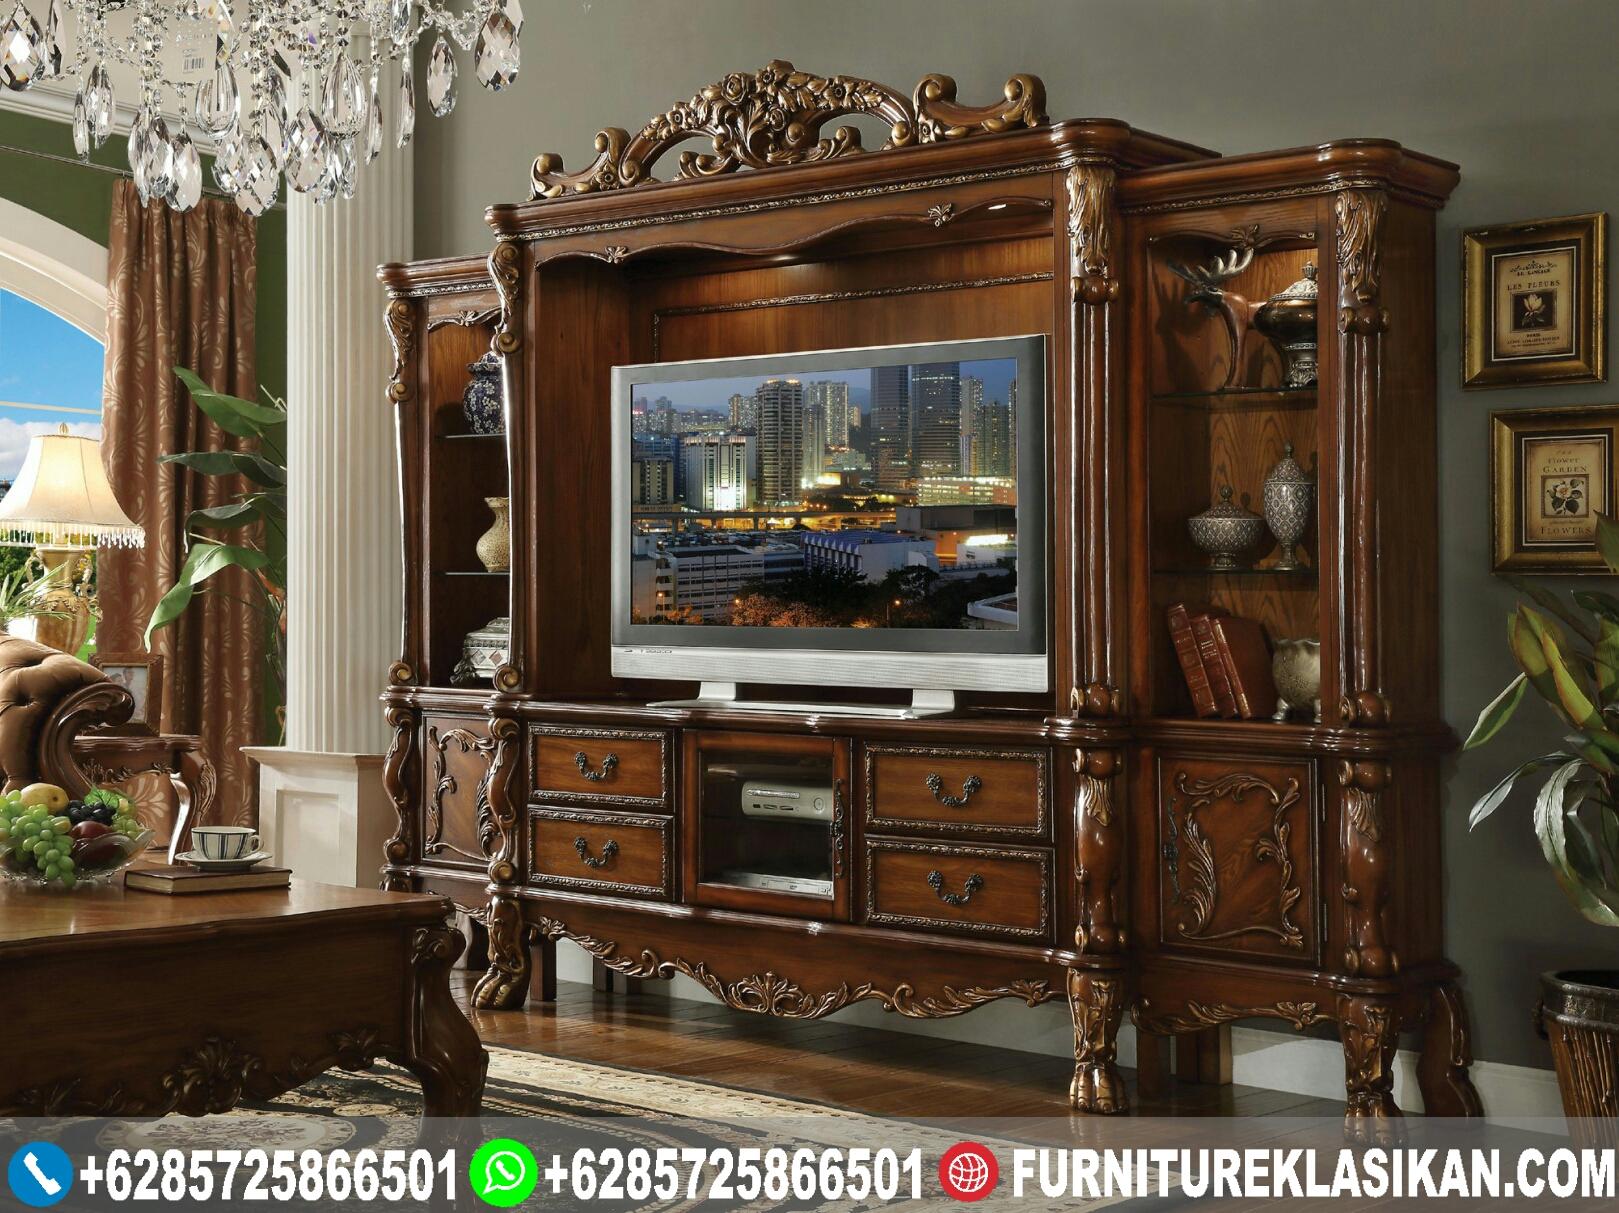 bufet-tv-jati-lemari-pajangan-natural-classic bufet tv jati lemari pajangan natural classic